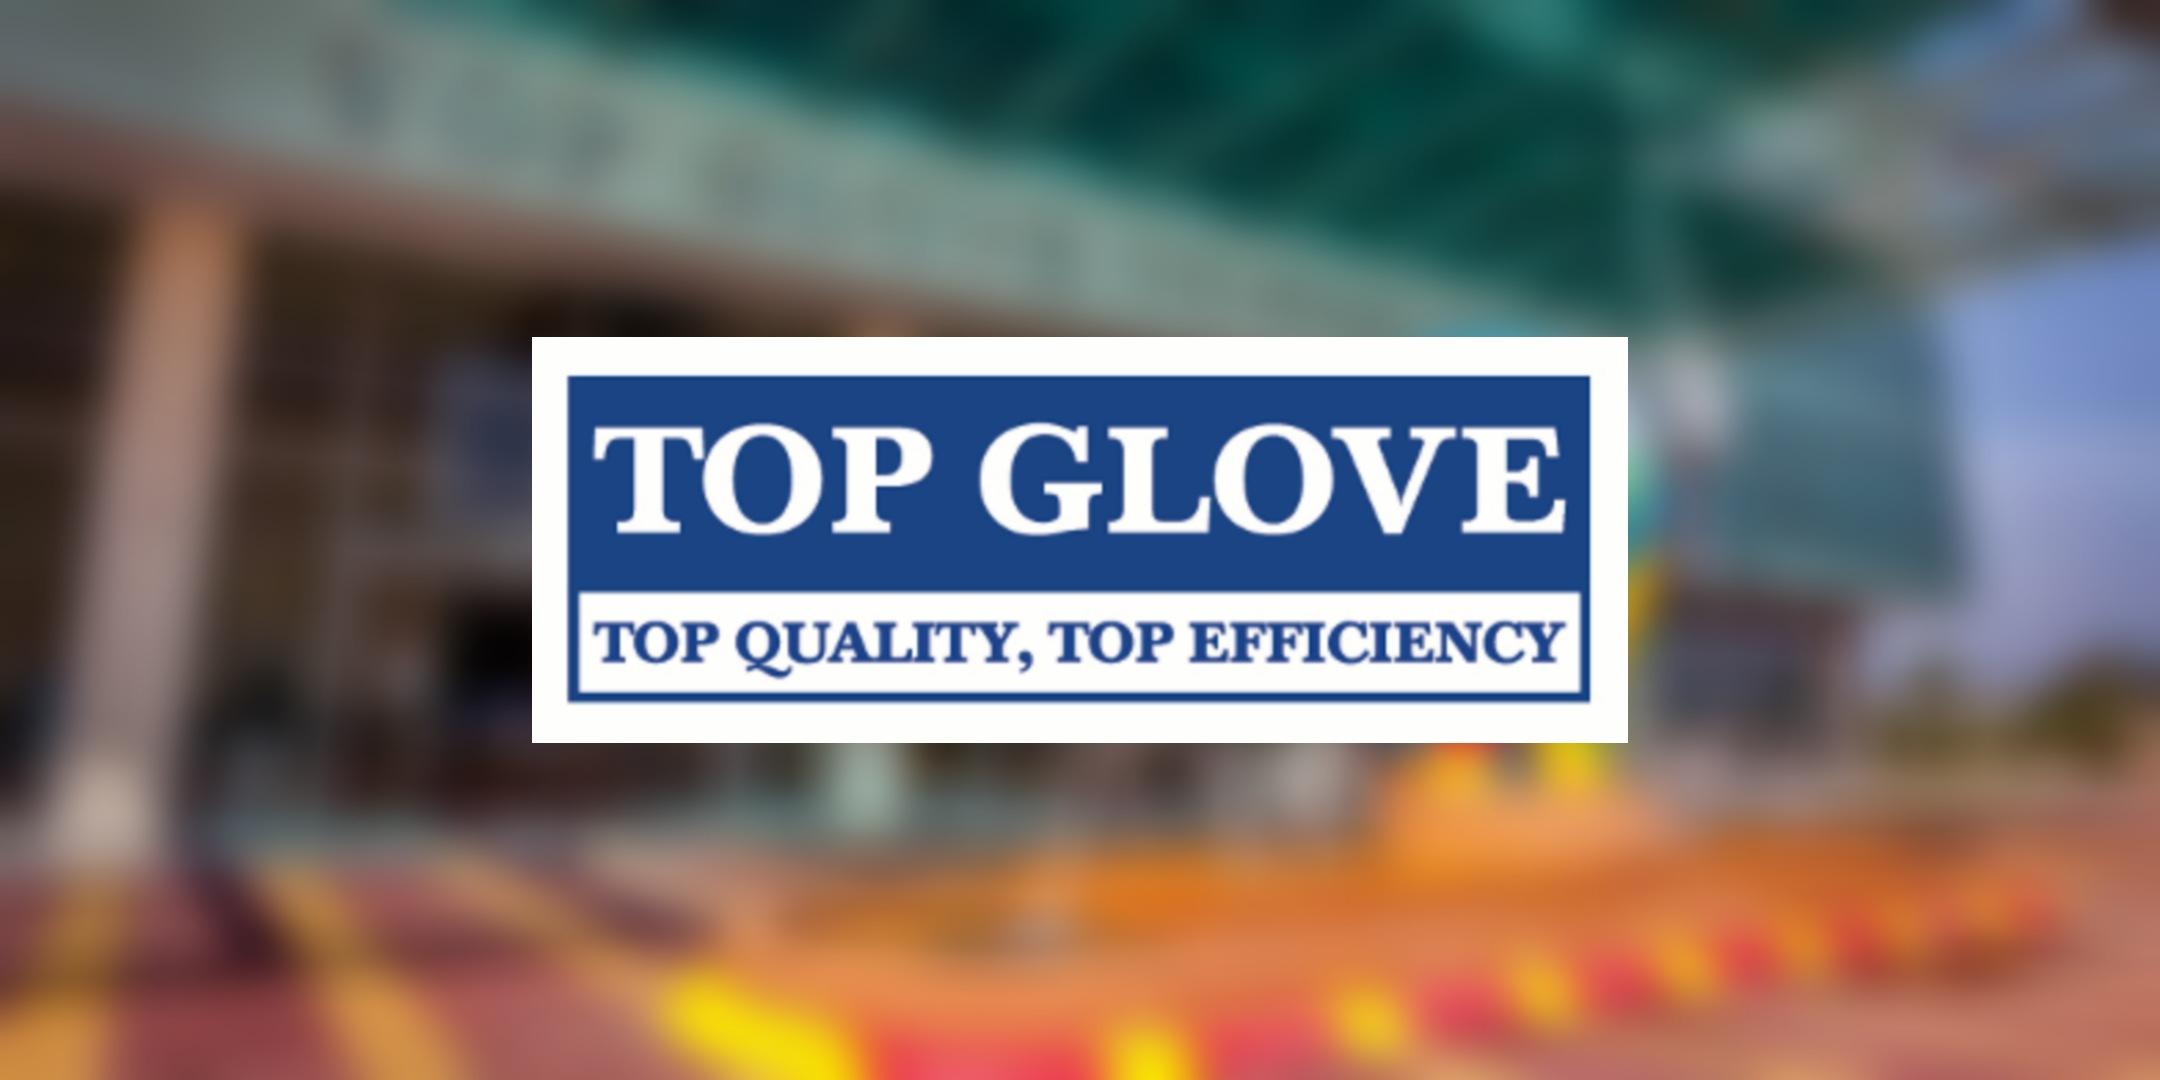 Permohonan Biasiswa Top Glove 2021 Online (Semakan Keputusan)